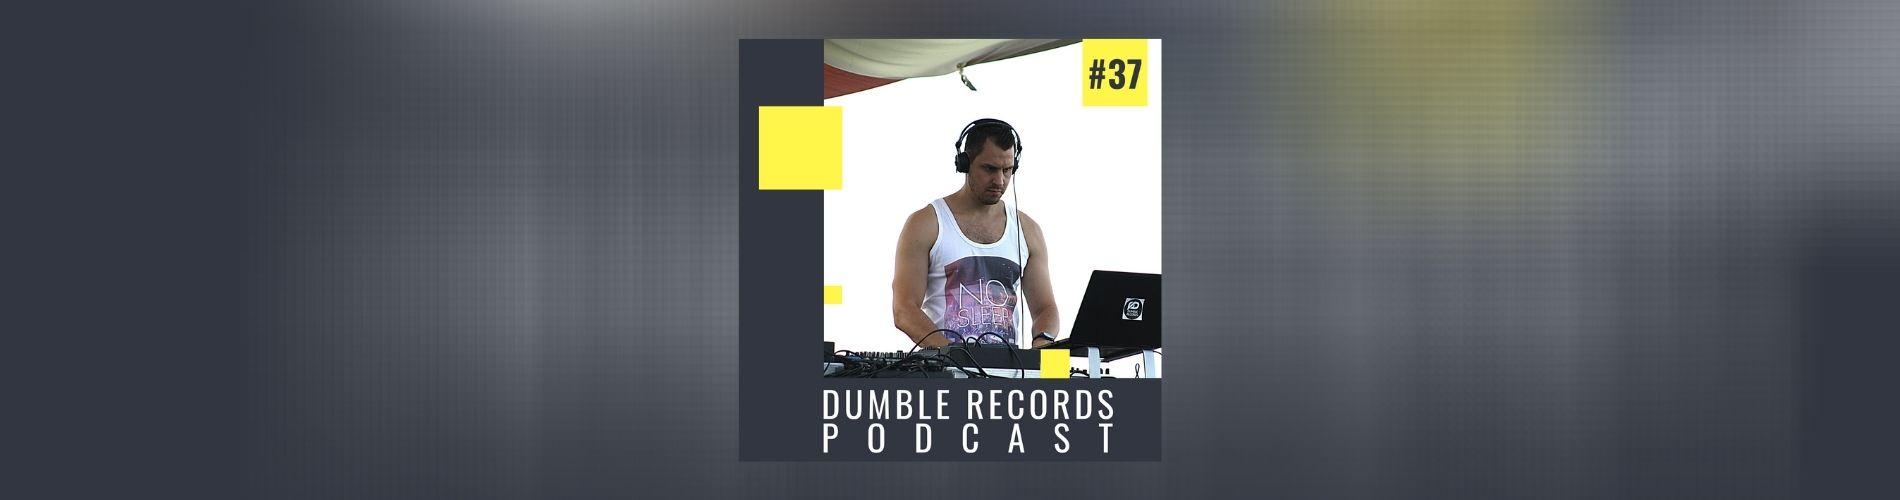 dumble-banner-podcast-037.jpg